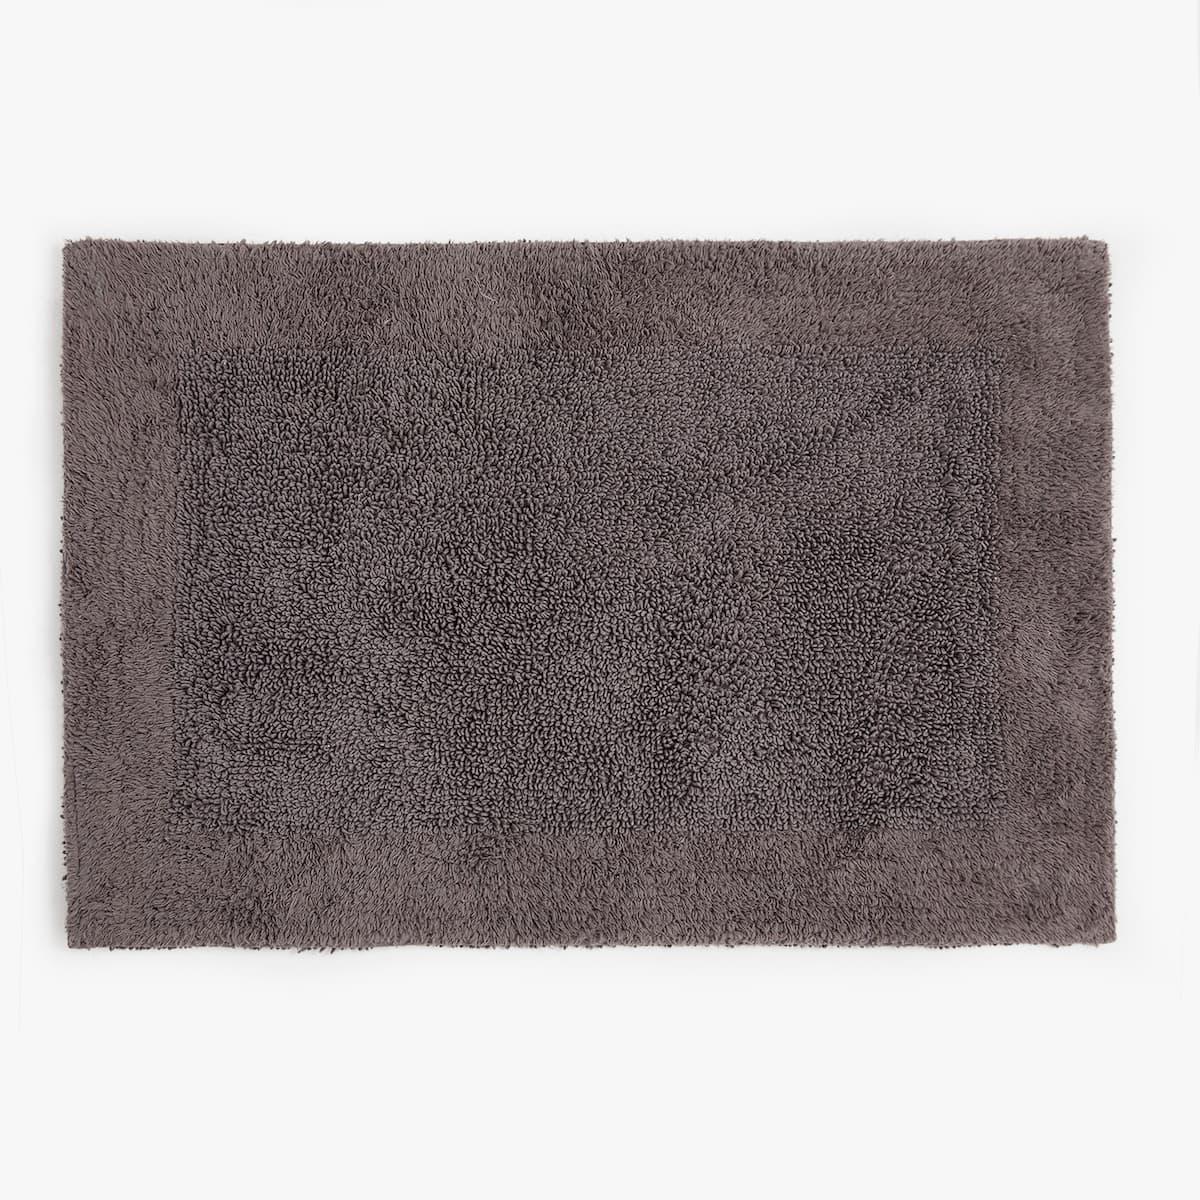 Afbeelding 1 van het product Dubbelzijdige badmat met kader